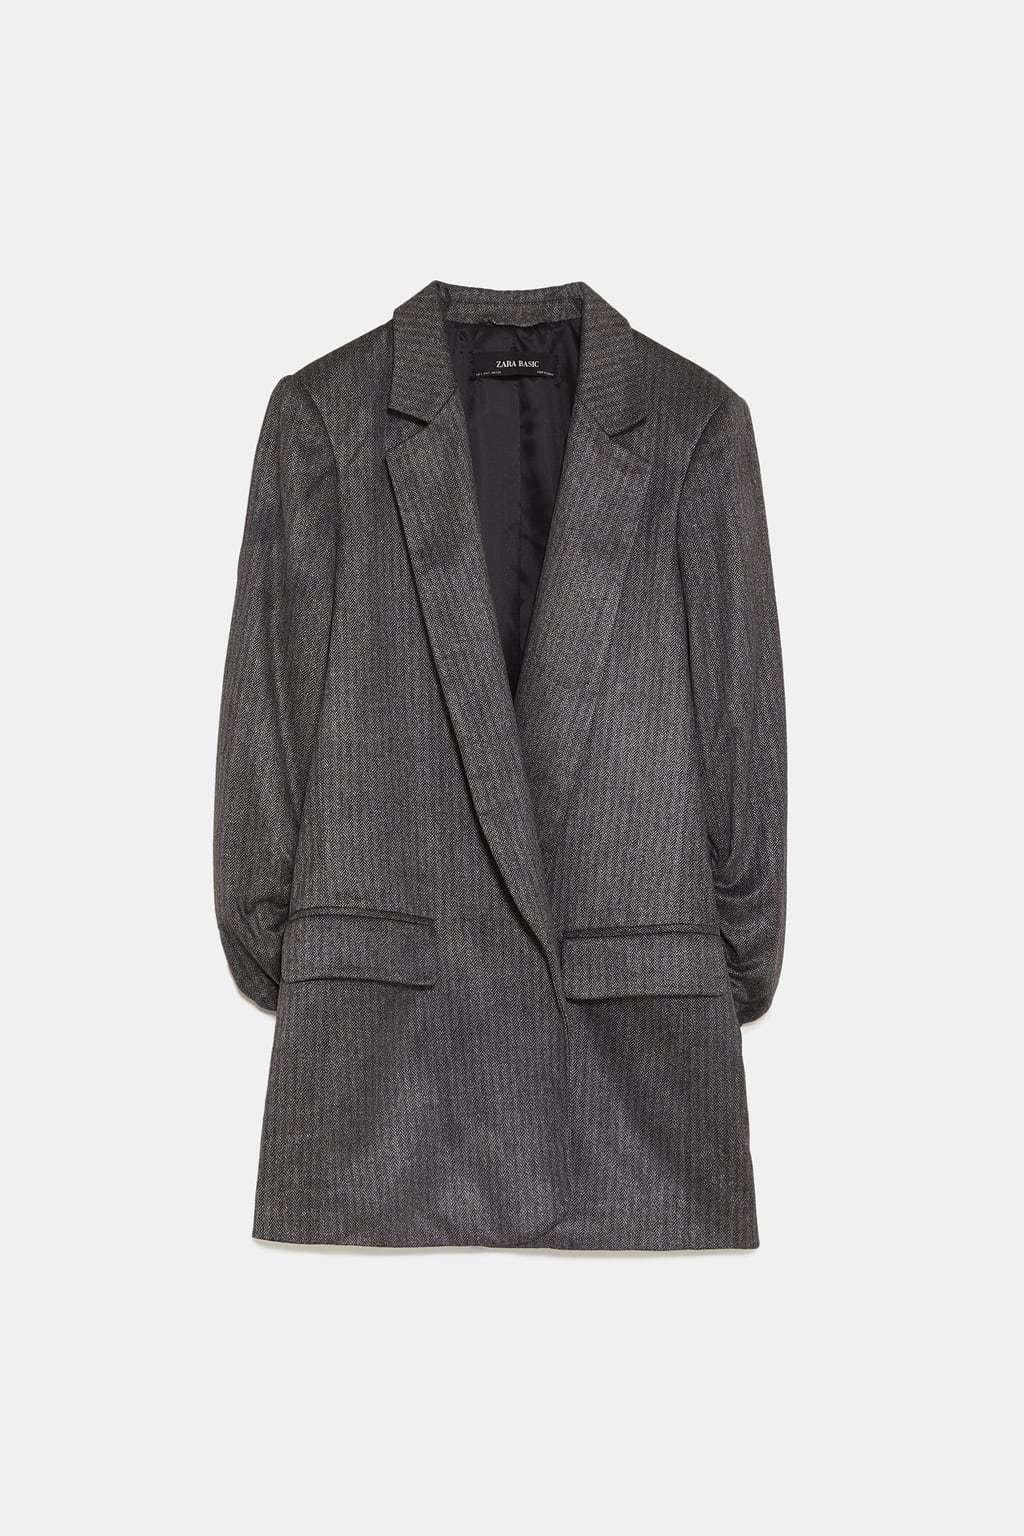 Blazer de espiga, de Zara (29'95 euros).